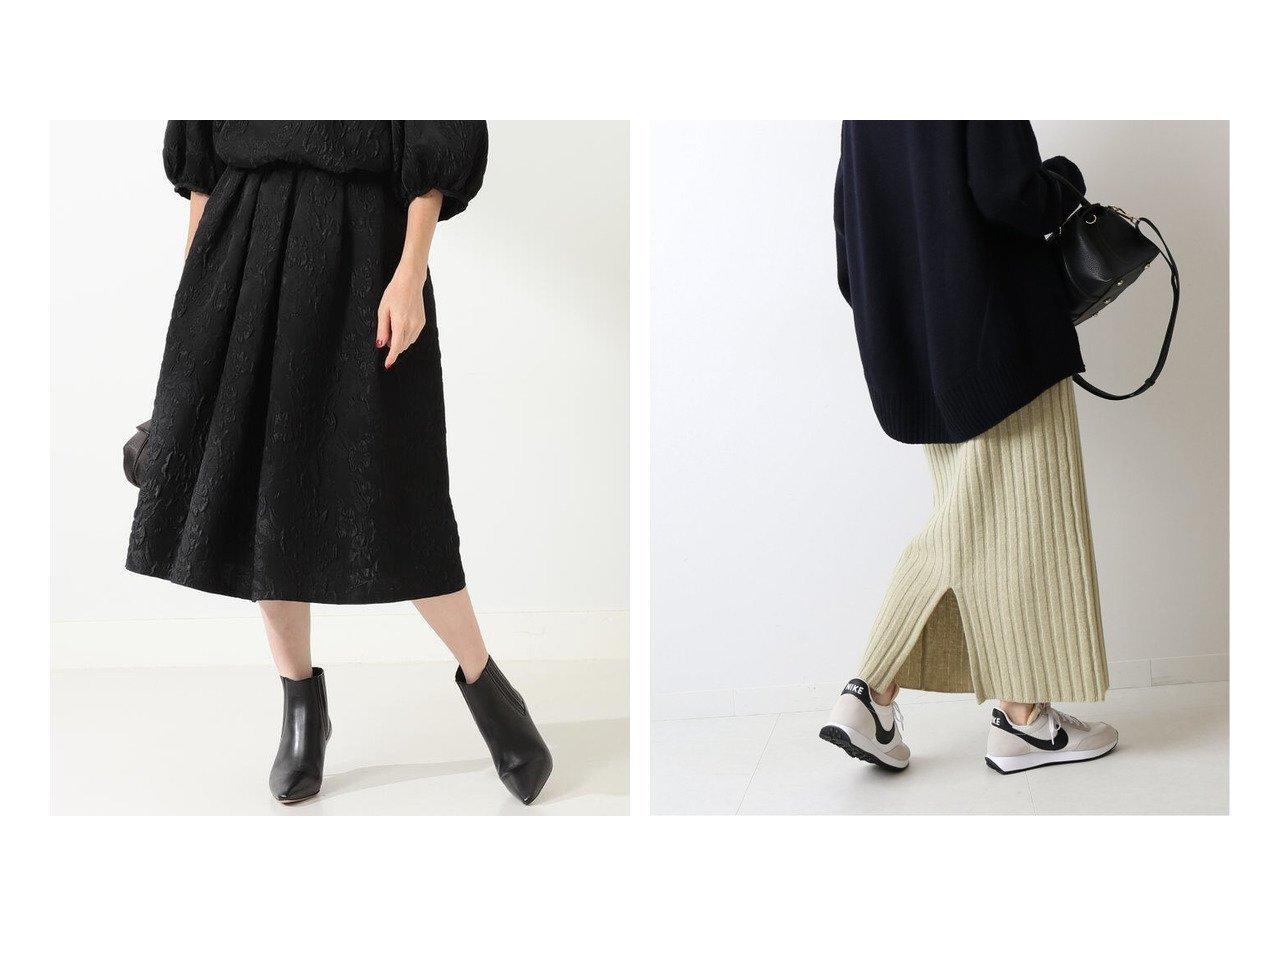 【FRAMeWORK/フレームワーク】のワイドリブポケット付き ニットスカート&【Demi-Luxe BEAMS/デミルクス ビームス】のDemi- フクレジャカード スカート スカートのおすすめ!人気、レディースファッションの通販 おすすめで人気のファッション通販商品 インテリア・家具・キッズファッション・メンズファッション・レディースファッション・服の通販 founy(ファニー) https://founy.com/ ファッション Fashion レディース WOMEN スカート Skirt エレガント ショート ジャカード セットアップ フレア ミモレ 秋冬 A/W Autumn/ Winter タイトスカート フロント ポケット |ID:crp329100000003018